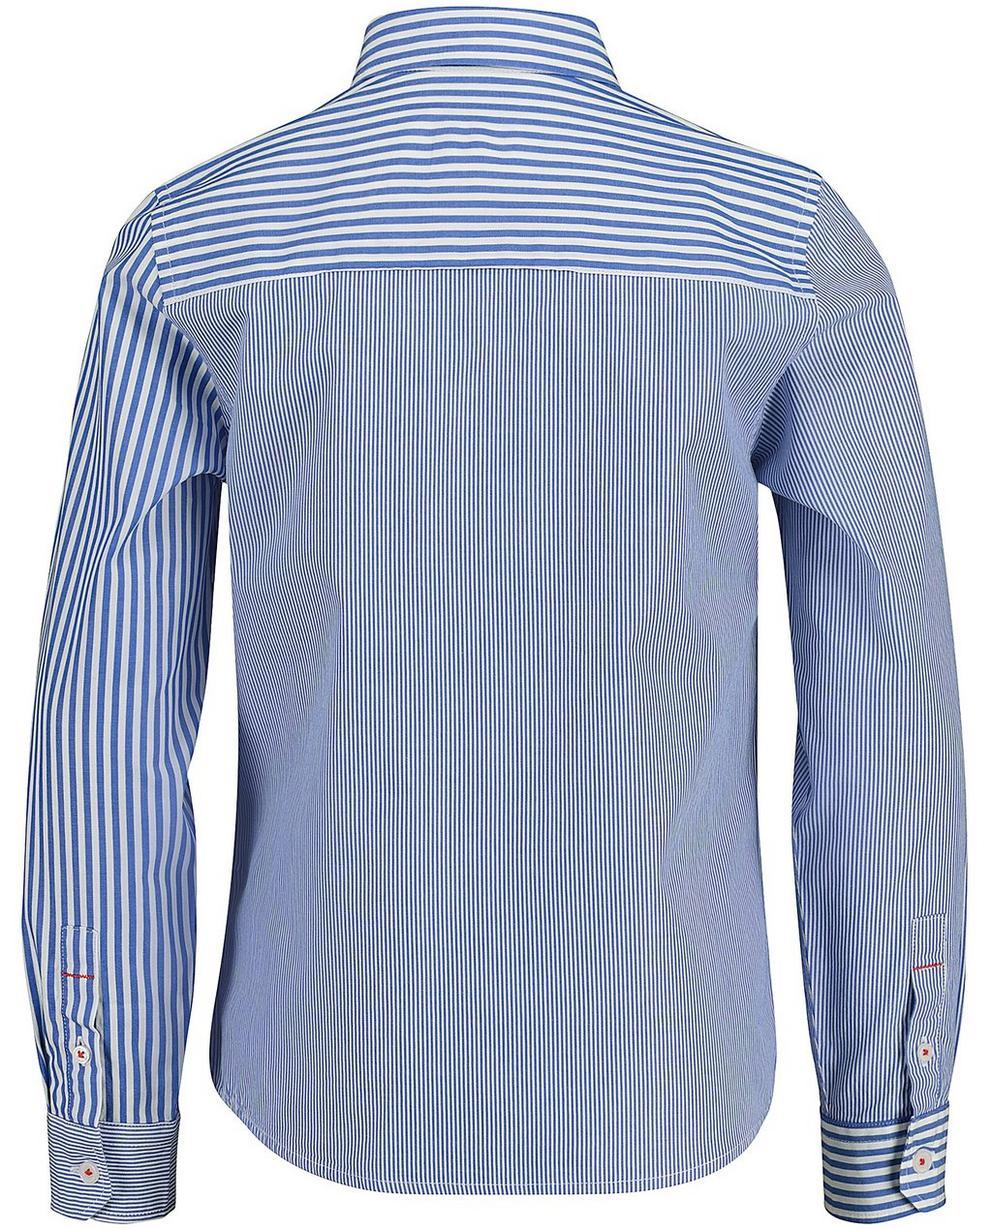 Hemden - Aqua - Gestreiftes Hemd